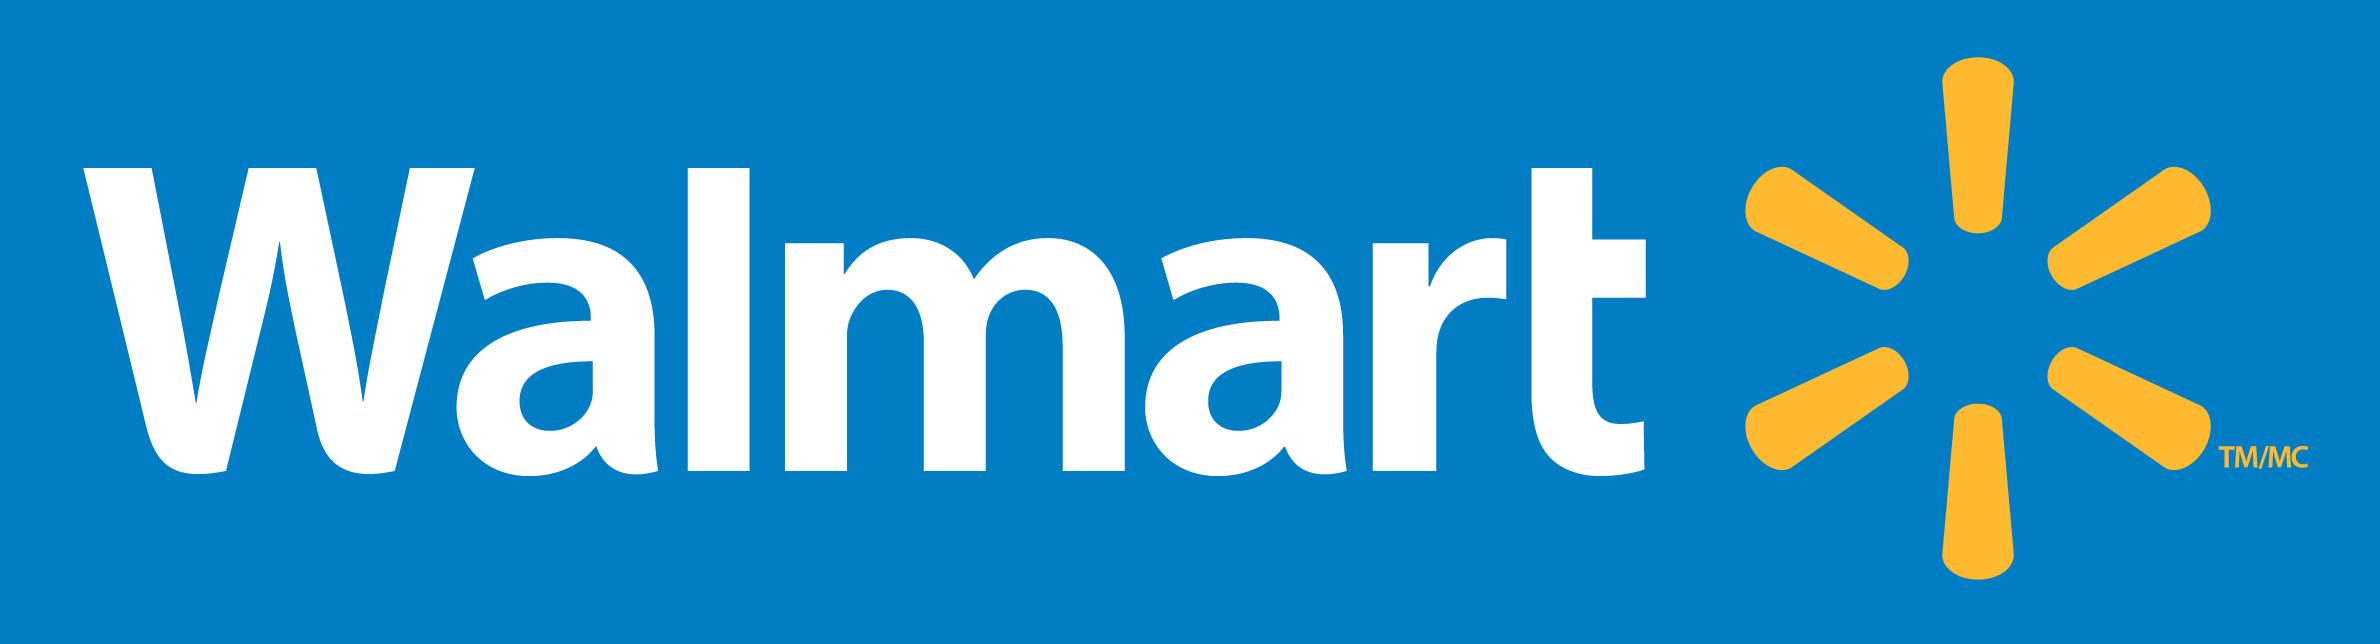 Walmart Retailer